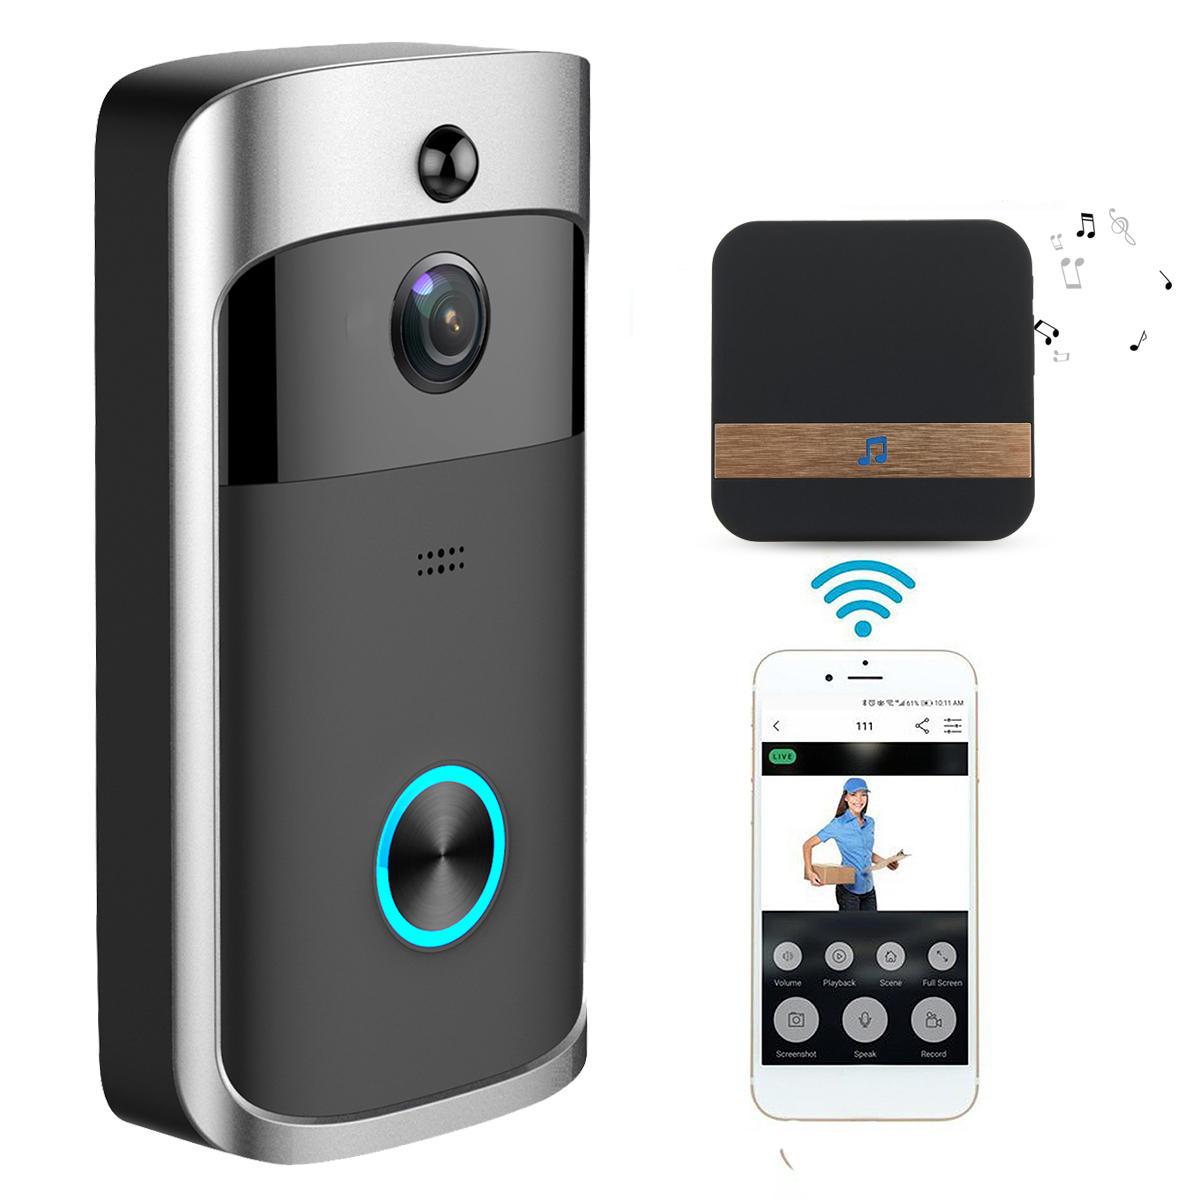 Беспроводная связь камера Видео домофон Безопасность дома Смартфон Дистанционный Видеозащита